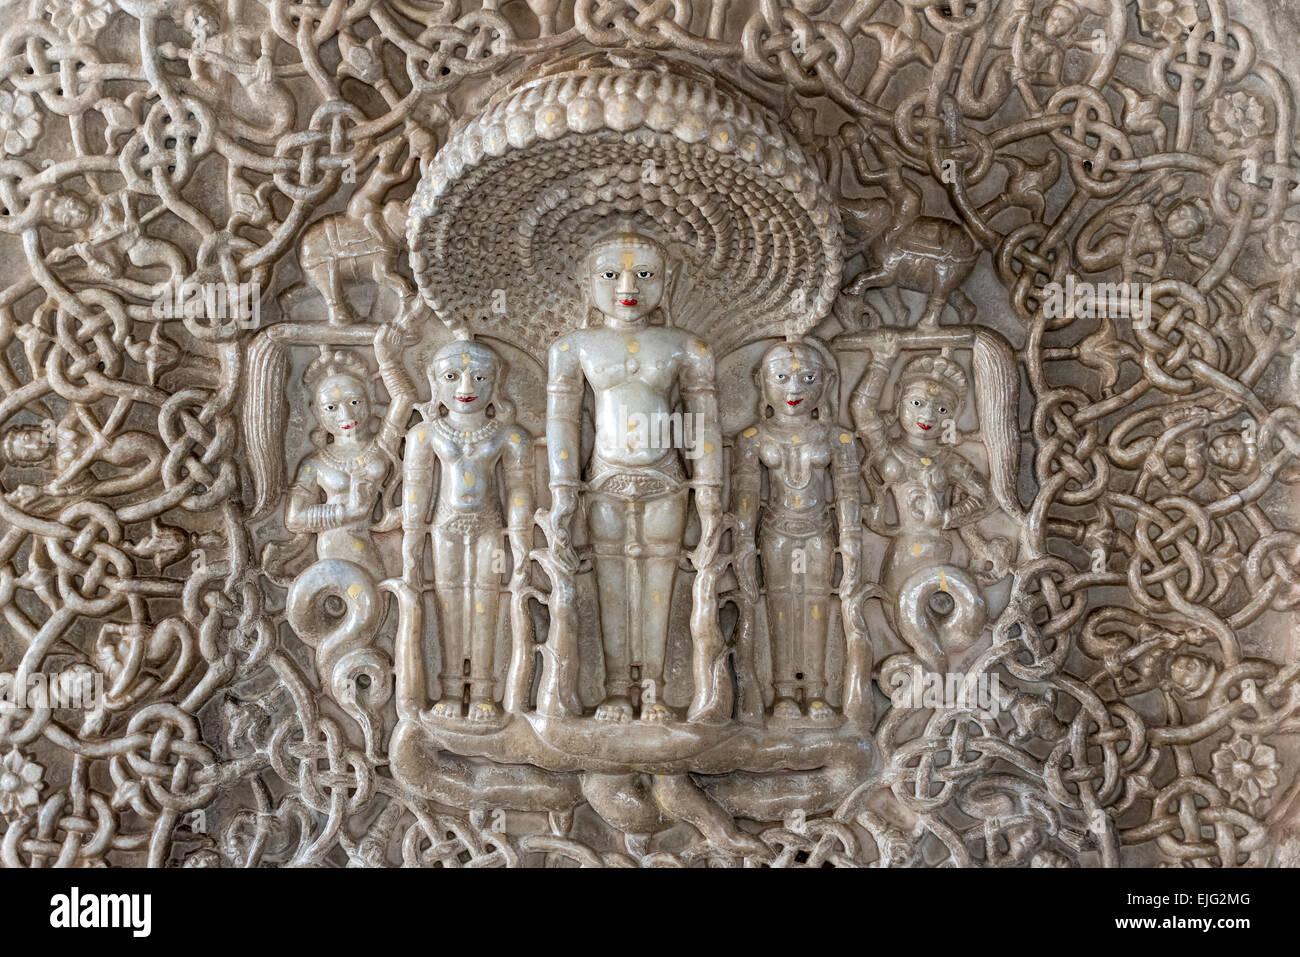 Tallas de piedra en Ranakpur Jain temple, Rajasthan, India Foto de stock